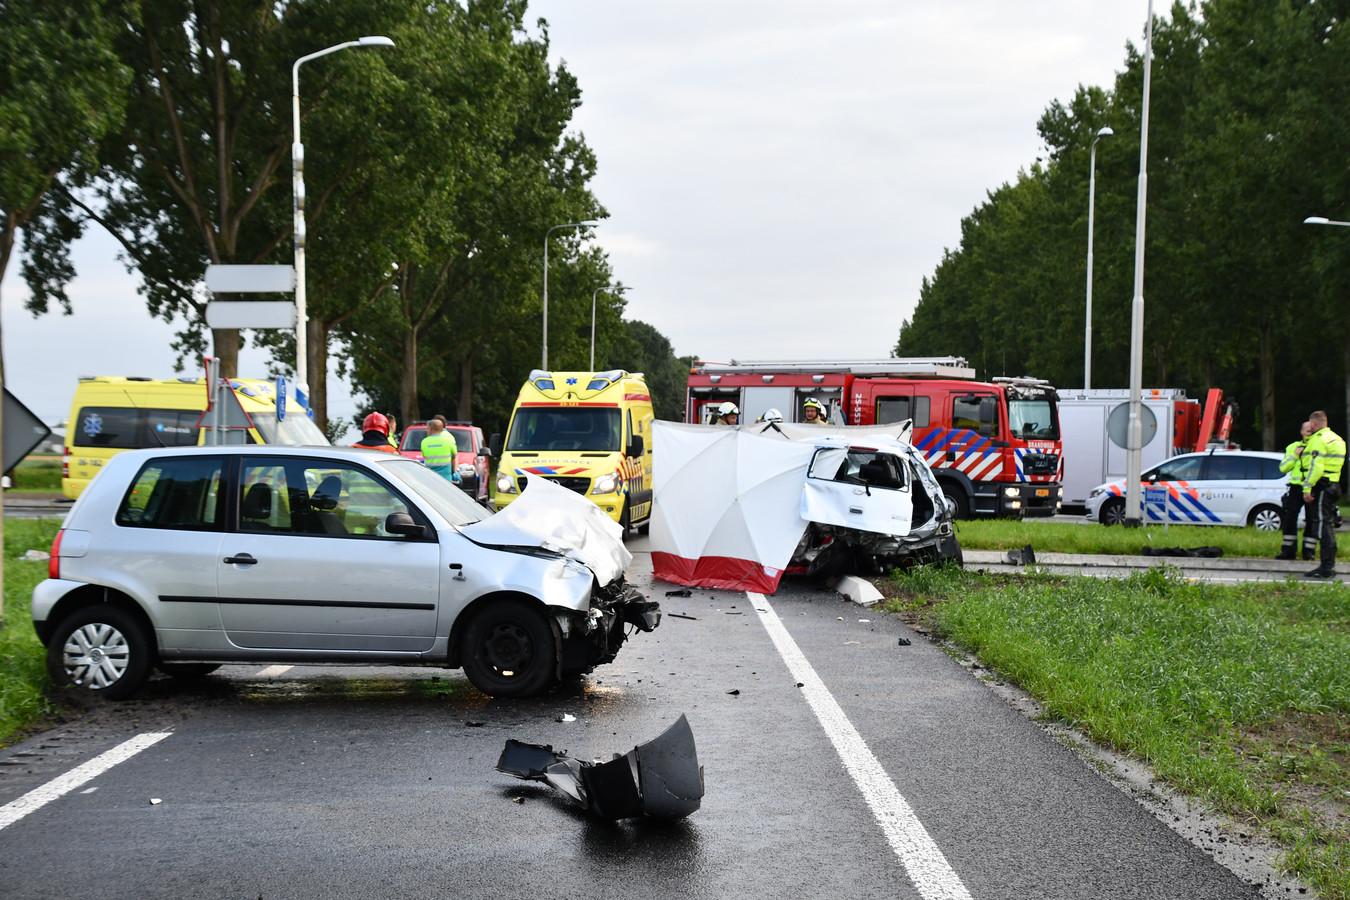 Hulpverleners op de plek van het ongeval op de kruising Elburgerweg en Biddingringweg in Dronten